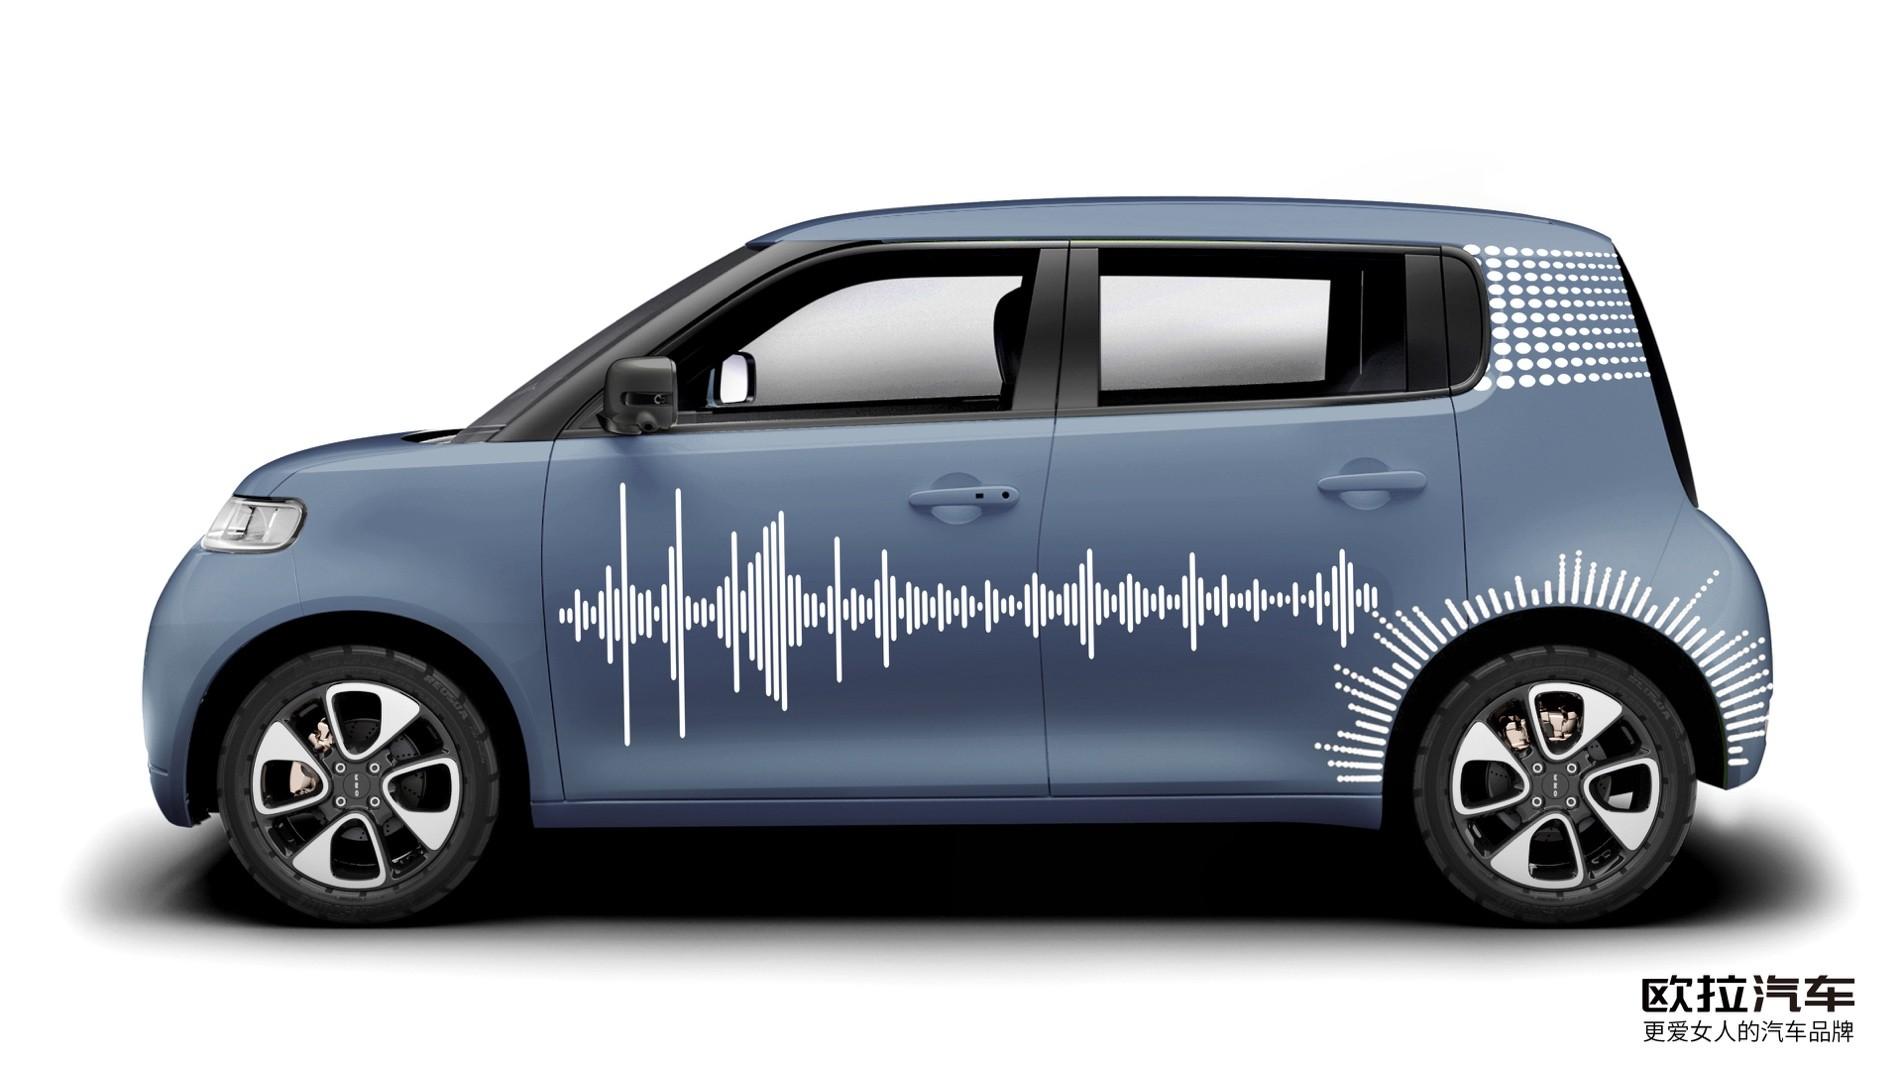 引领消费新范式,欧拉开启中国汽车订阅化服务新时代!-第2张图片-汽车笔记网